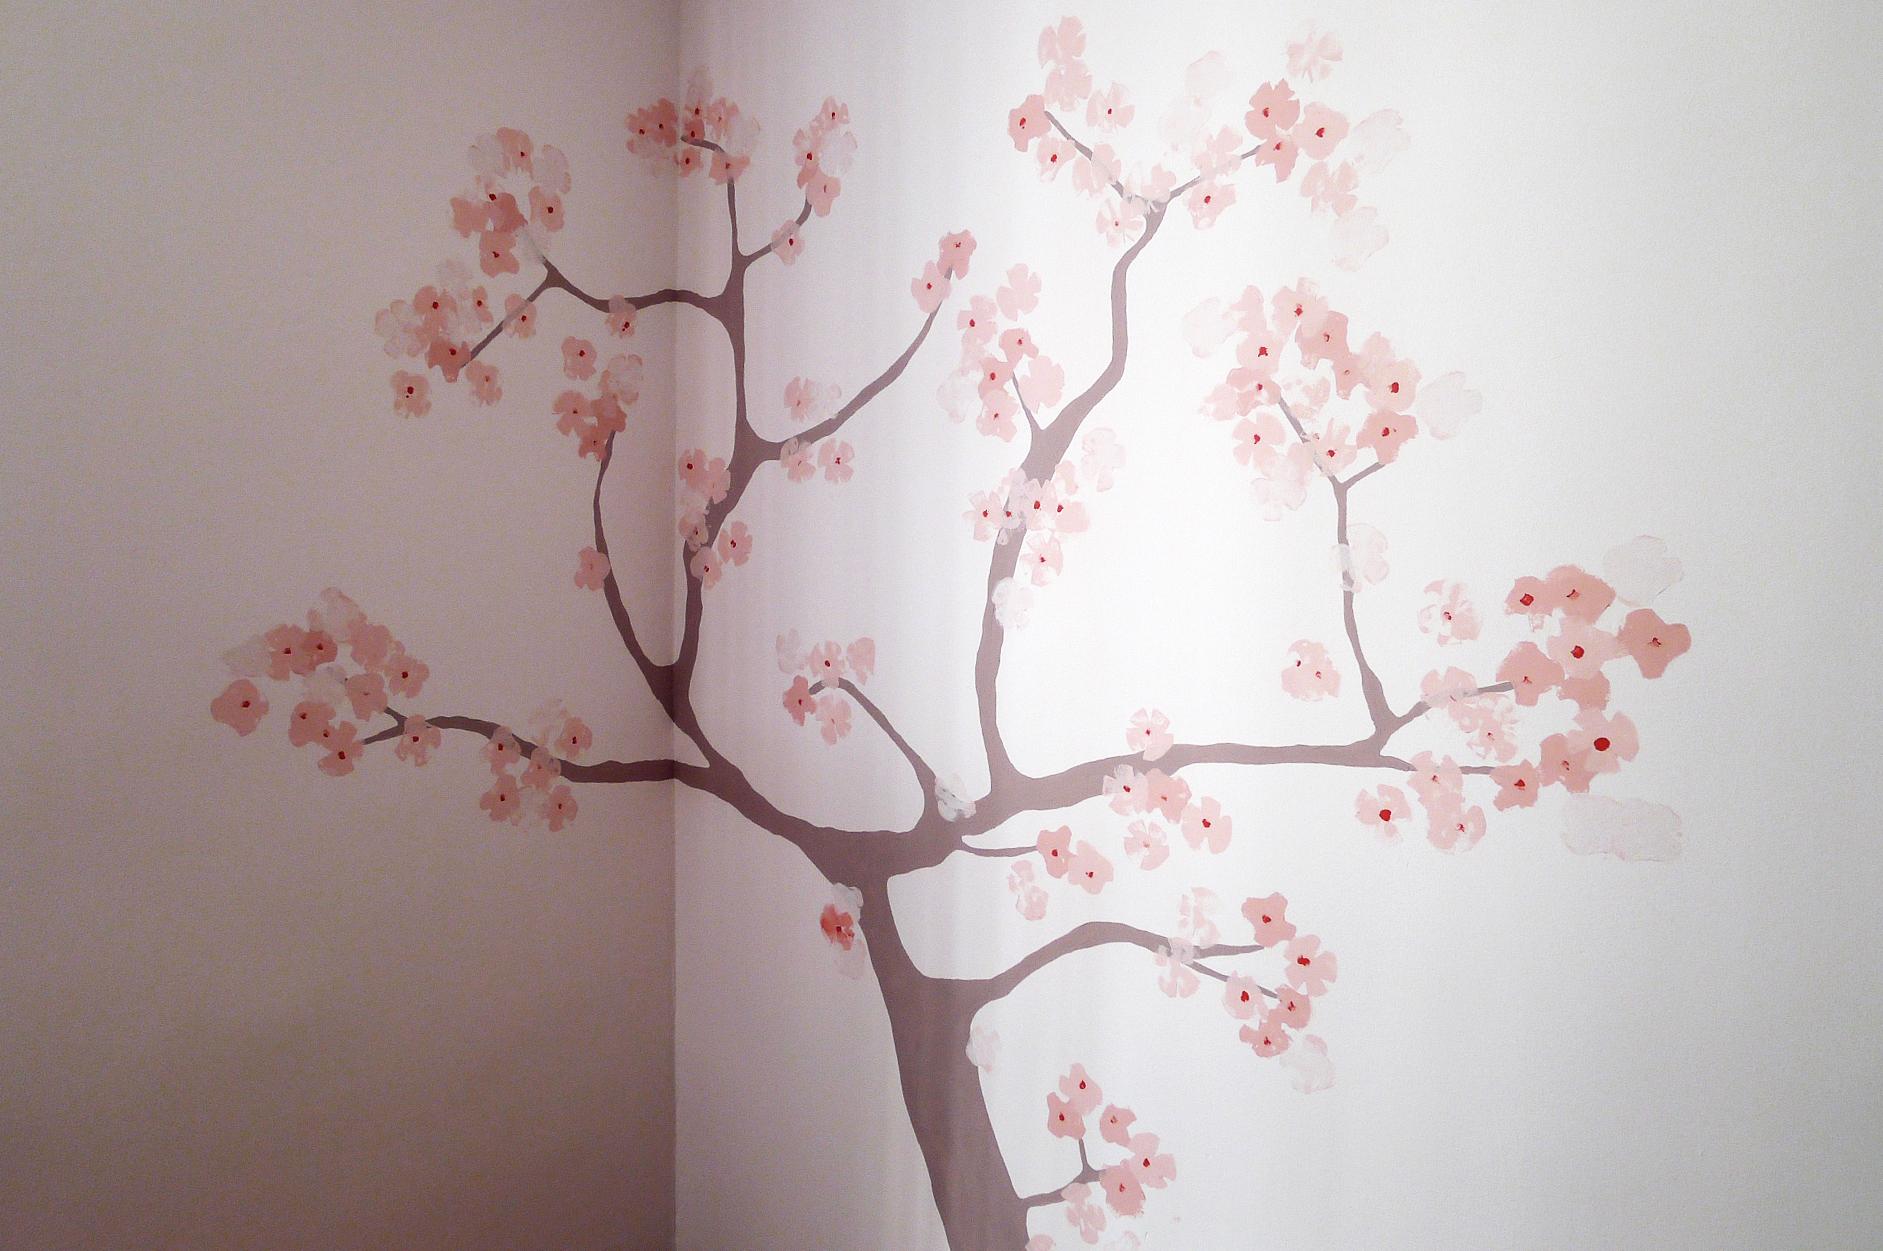 Dibujos de arboles de cerezo imagui for Como pintar un mural exterior